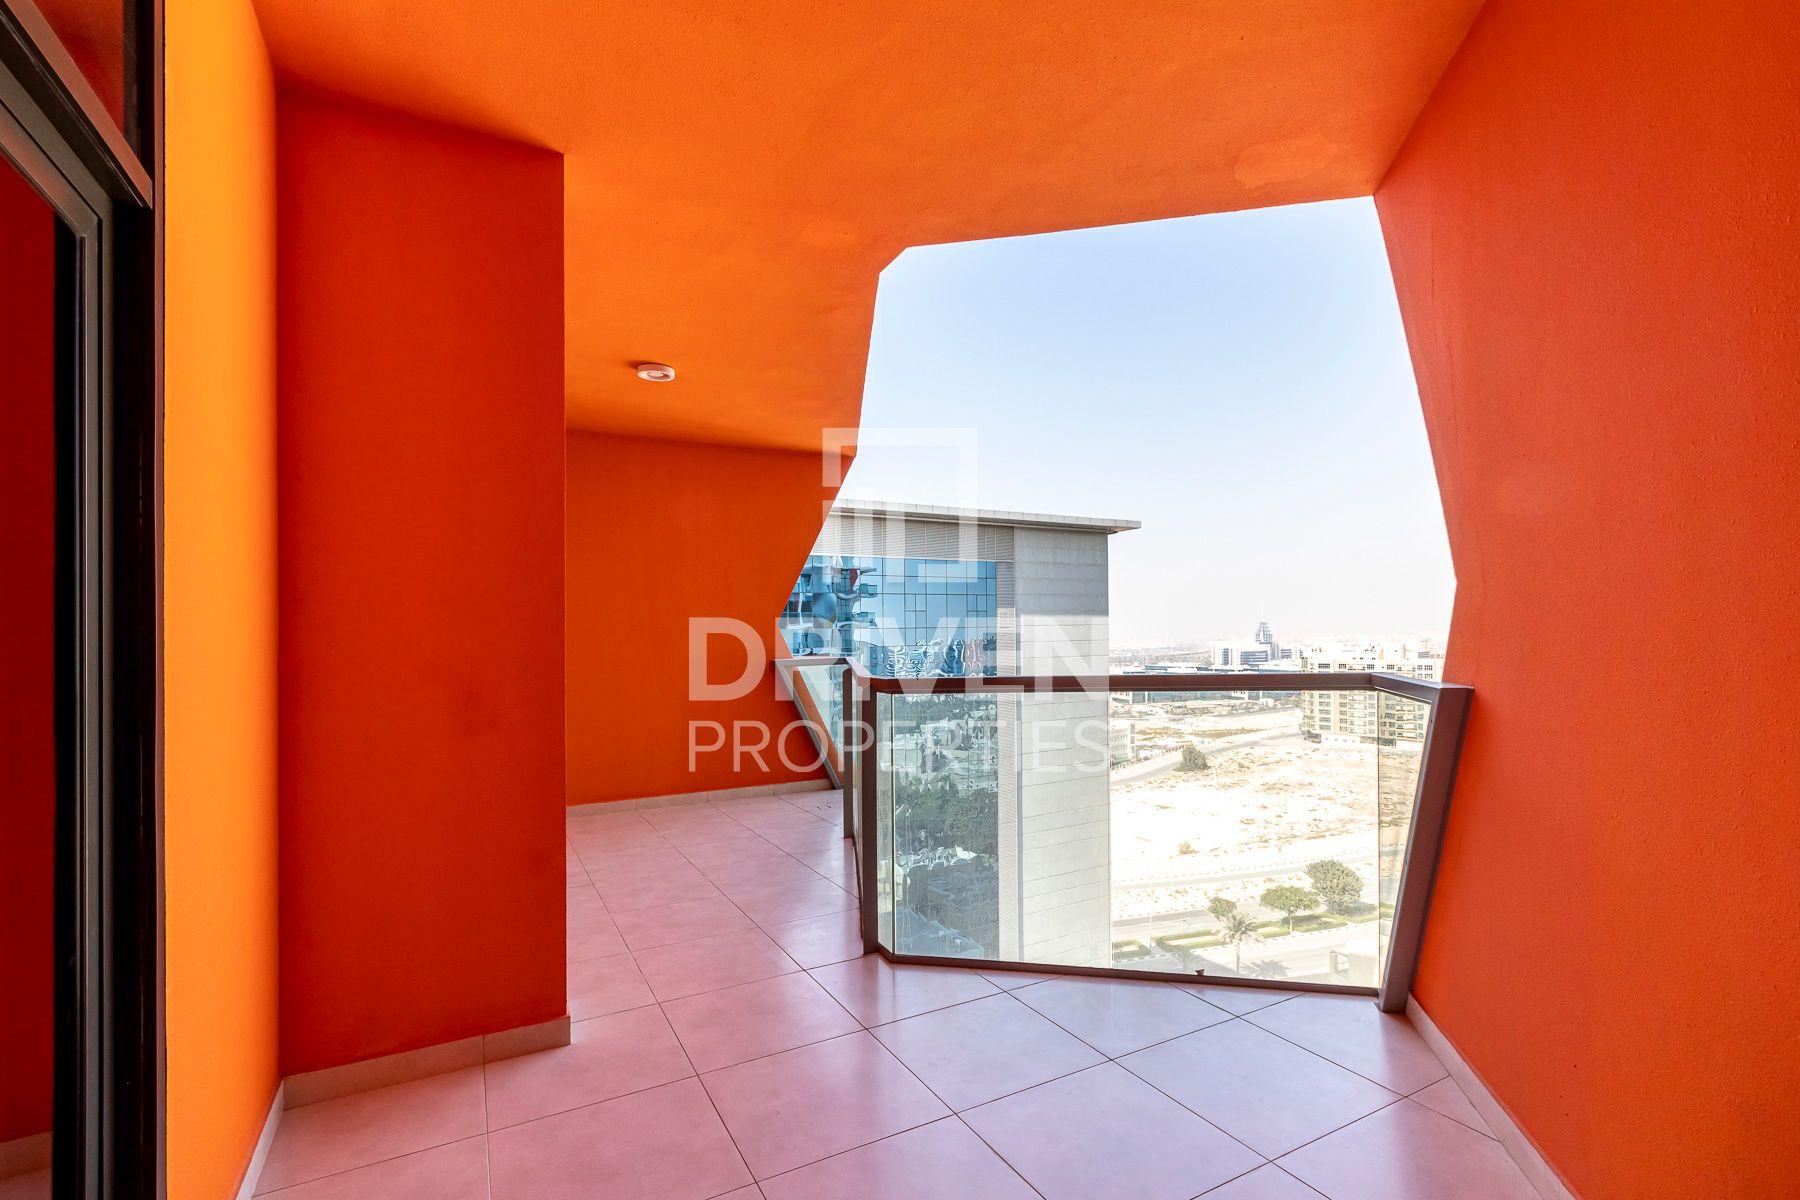 Apartment for Rent in Binghatti Stars - Dubai Silicon Oasis